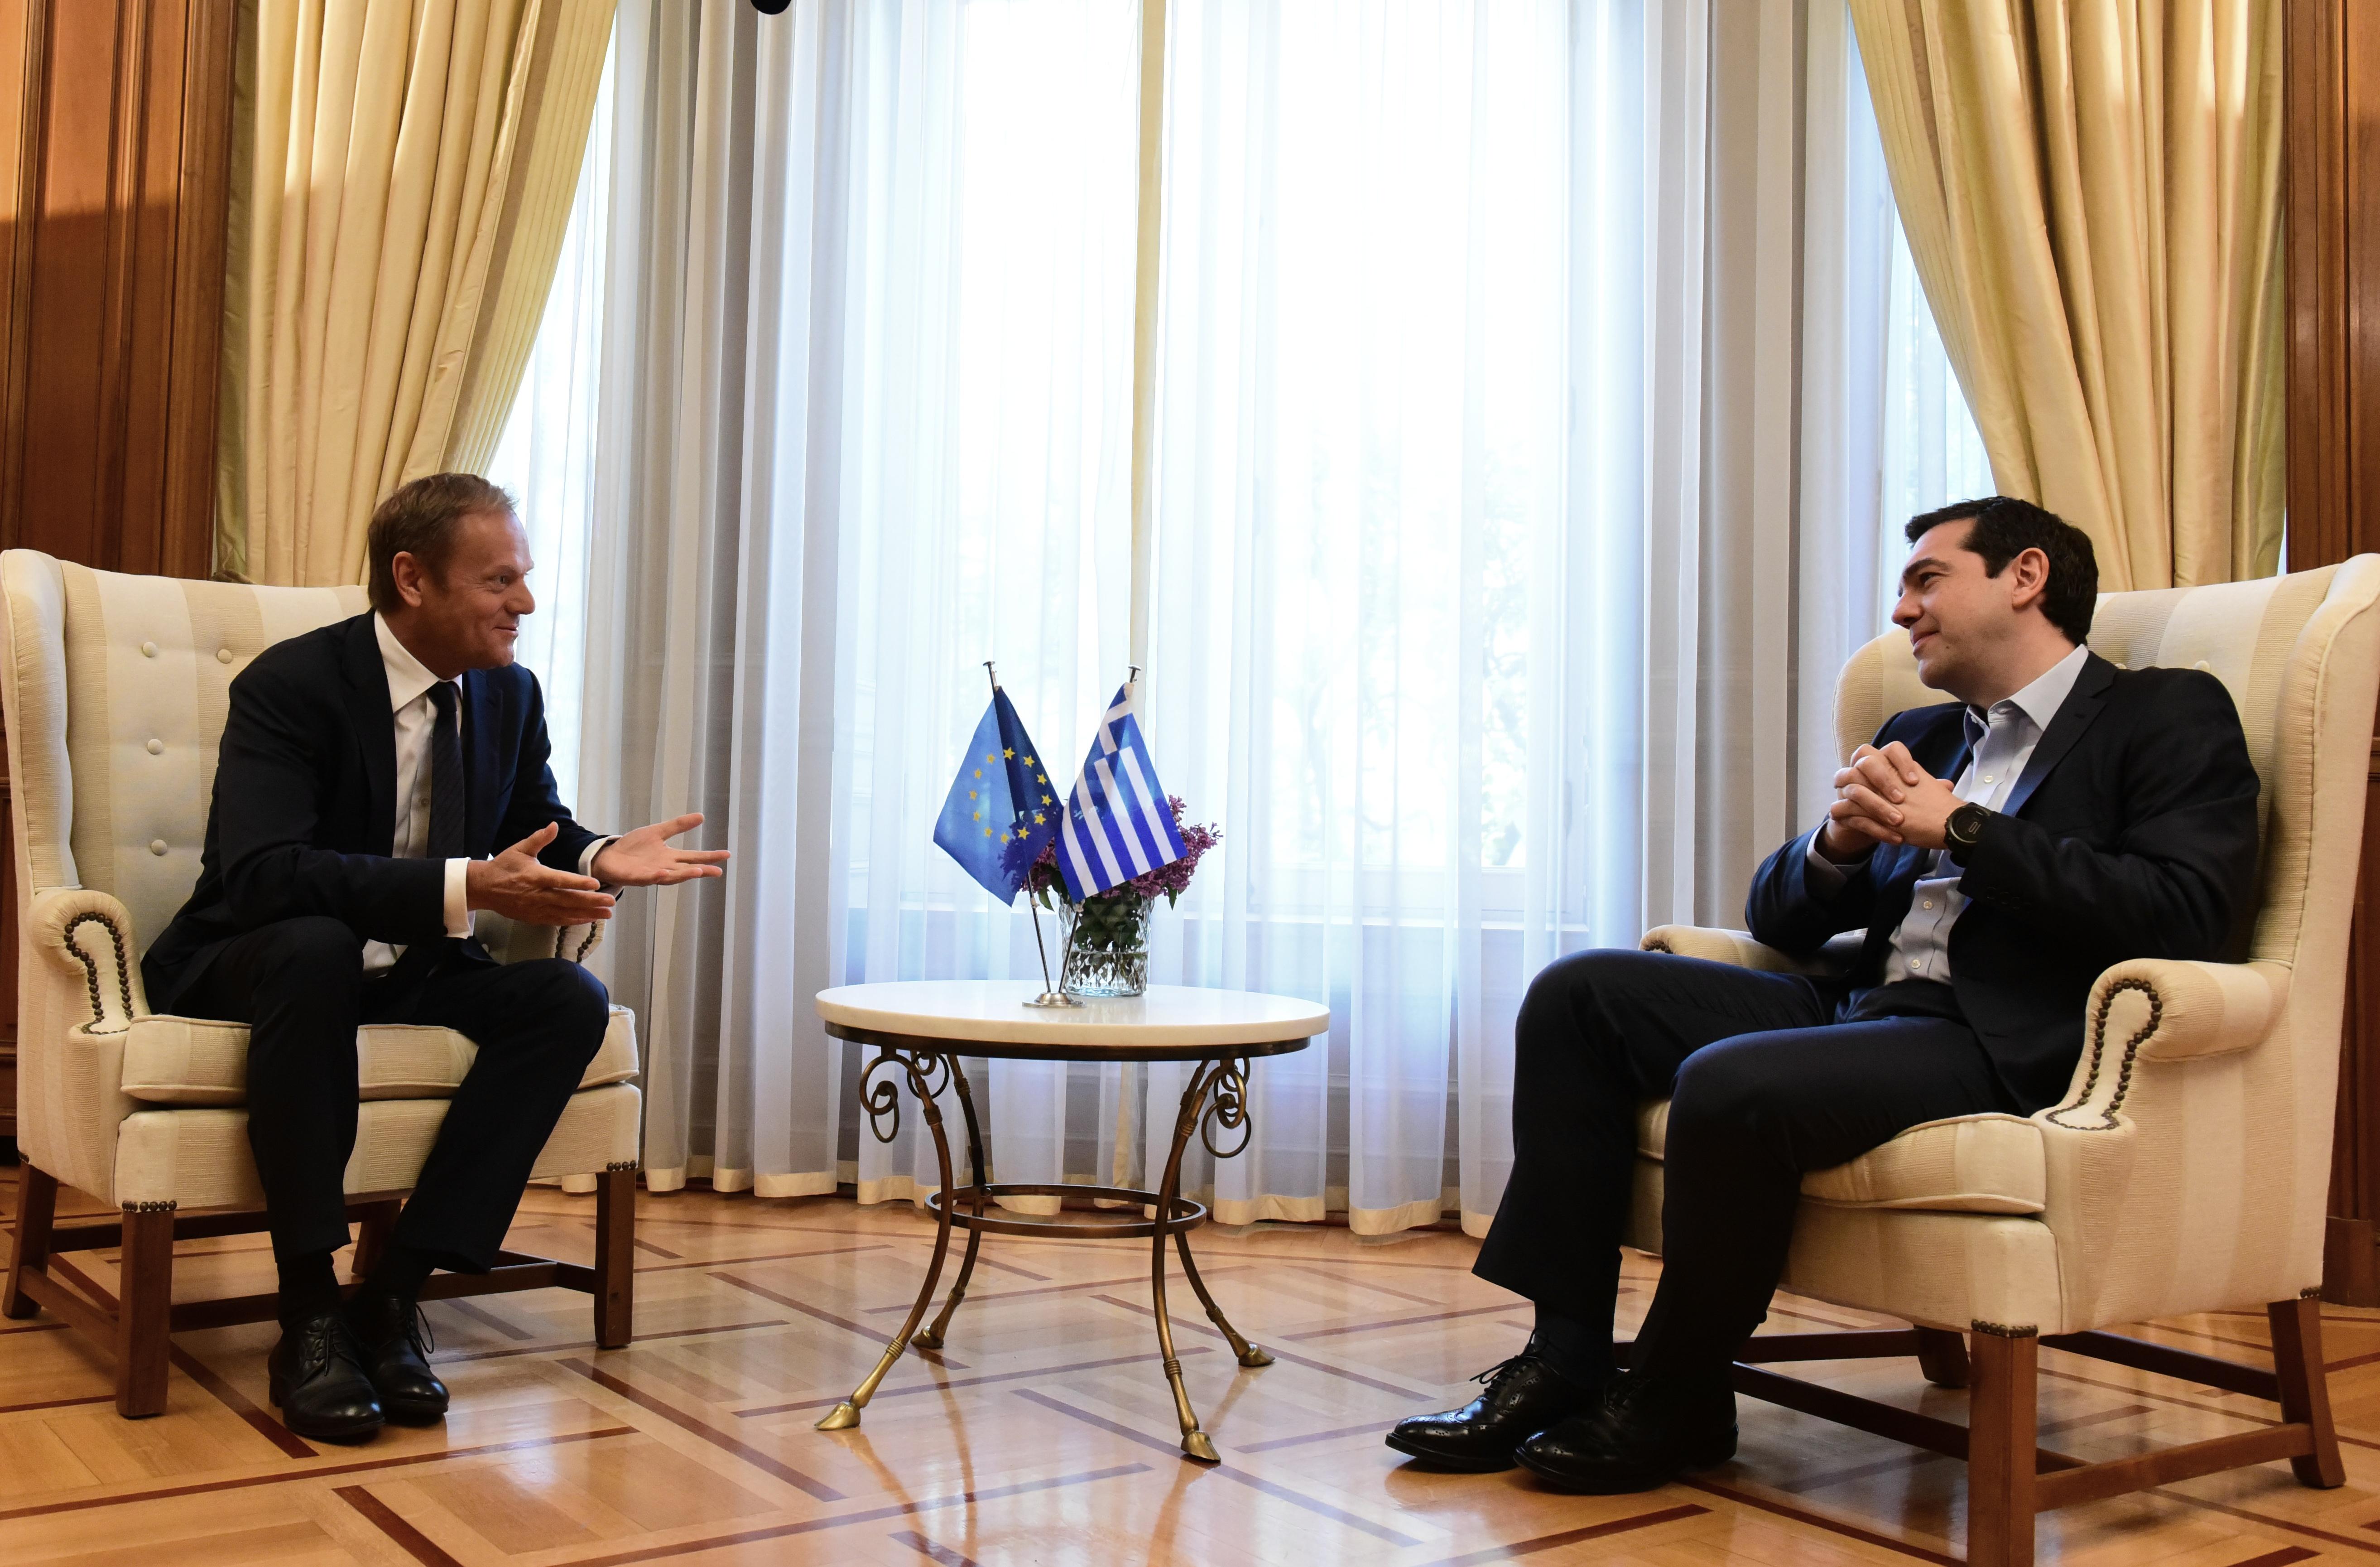 Έκτακτη Σύνοδο Κορυφής αν δεν υπάρξει λύση στο Eurogroup ζήτησε από τον Τουσκ o Τσίπρας